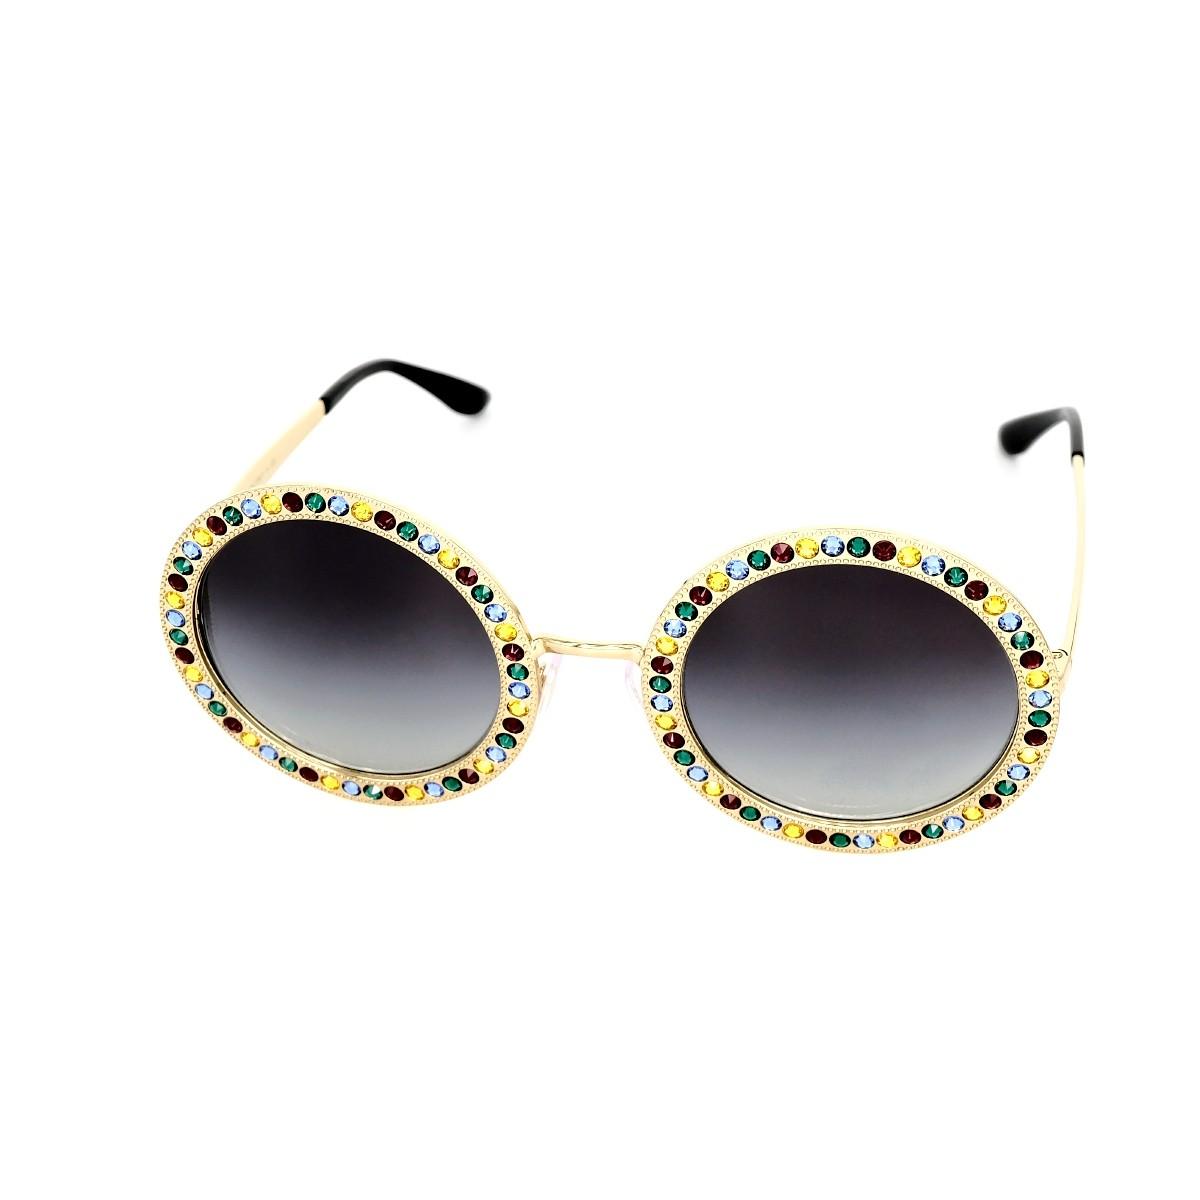 Dolce&Gabbana 2170 oro 02/8G Mambo Collection, 312,00€, Occhiali Dolce&Gabbana Oro a forma Rotondo